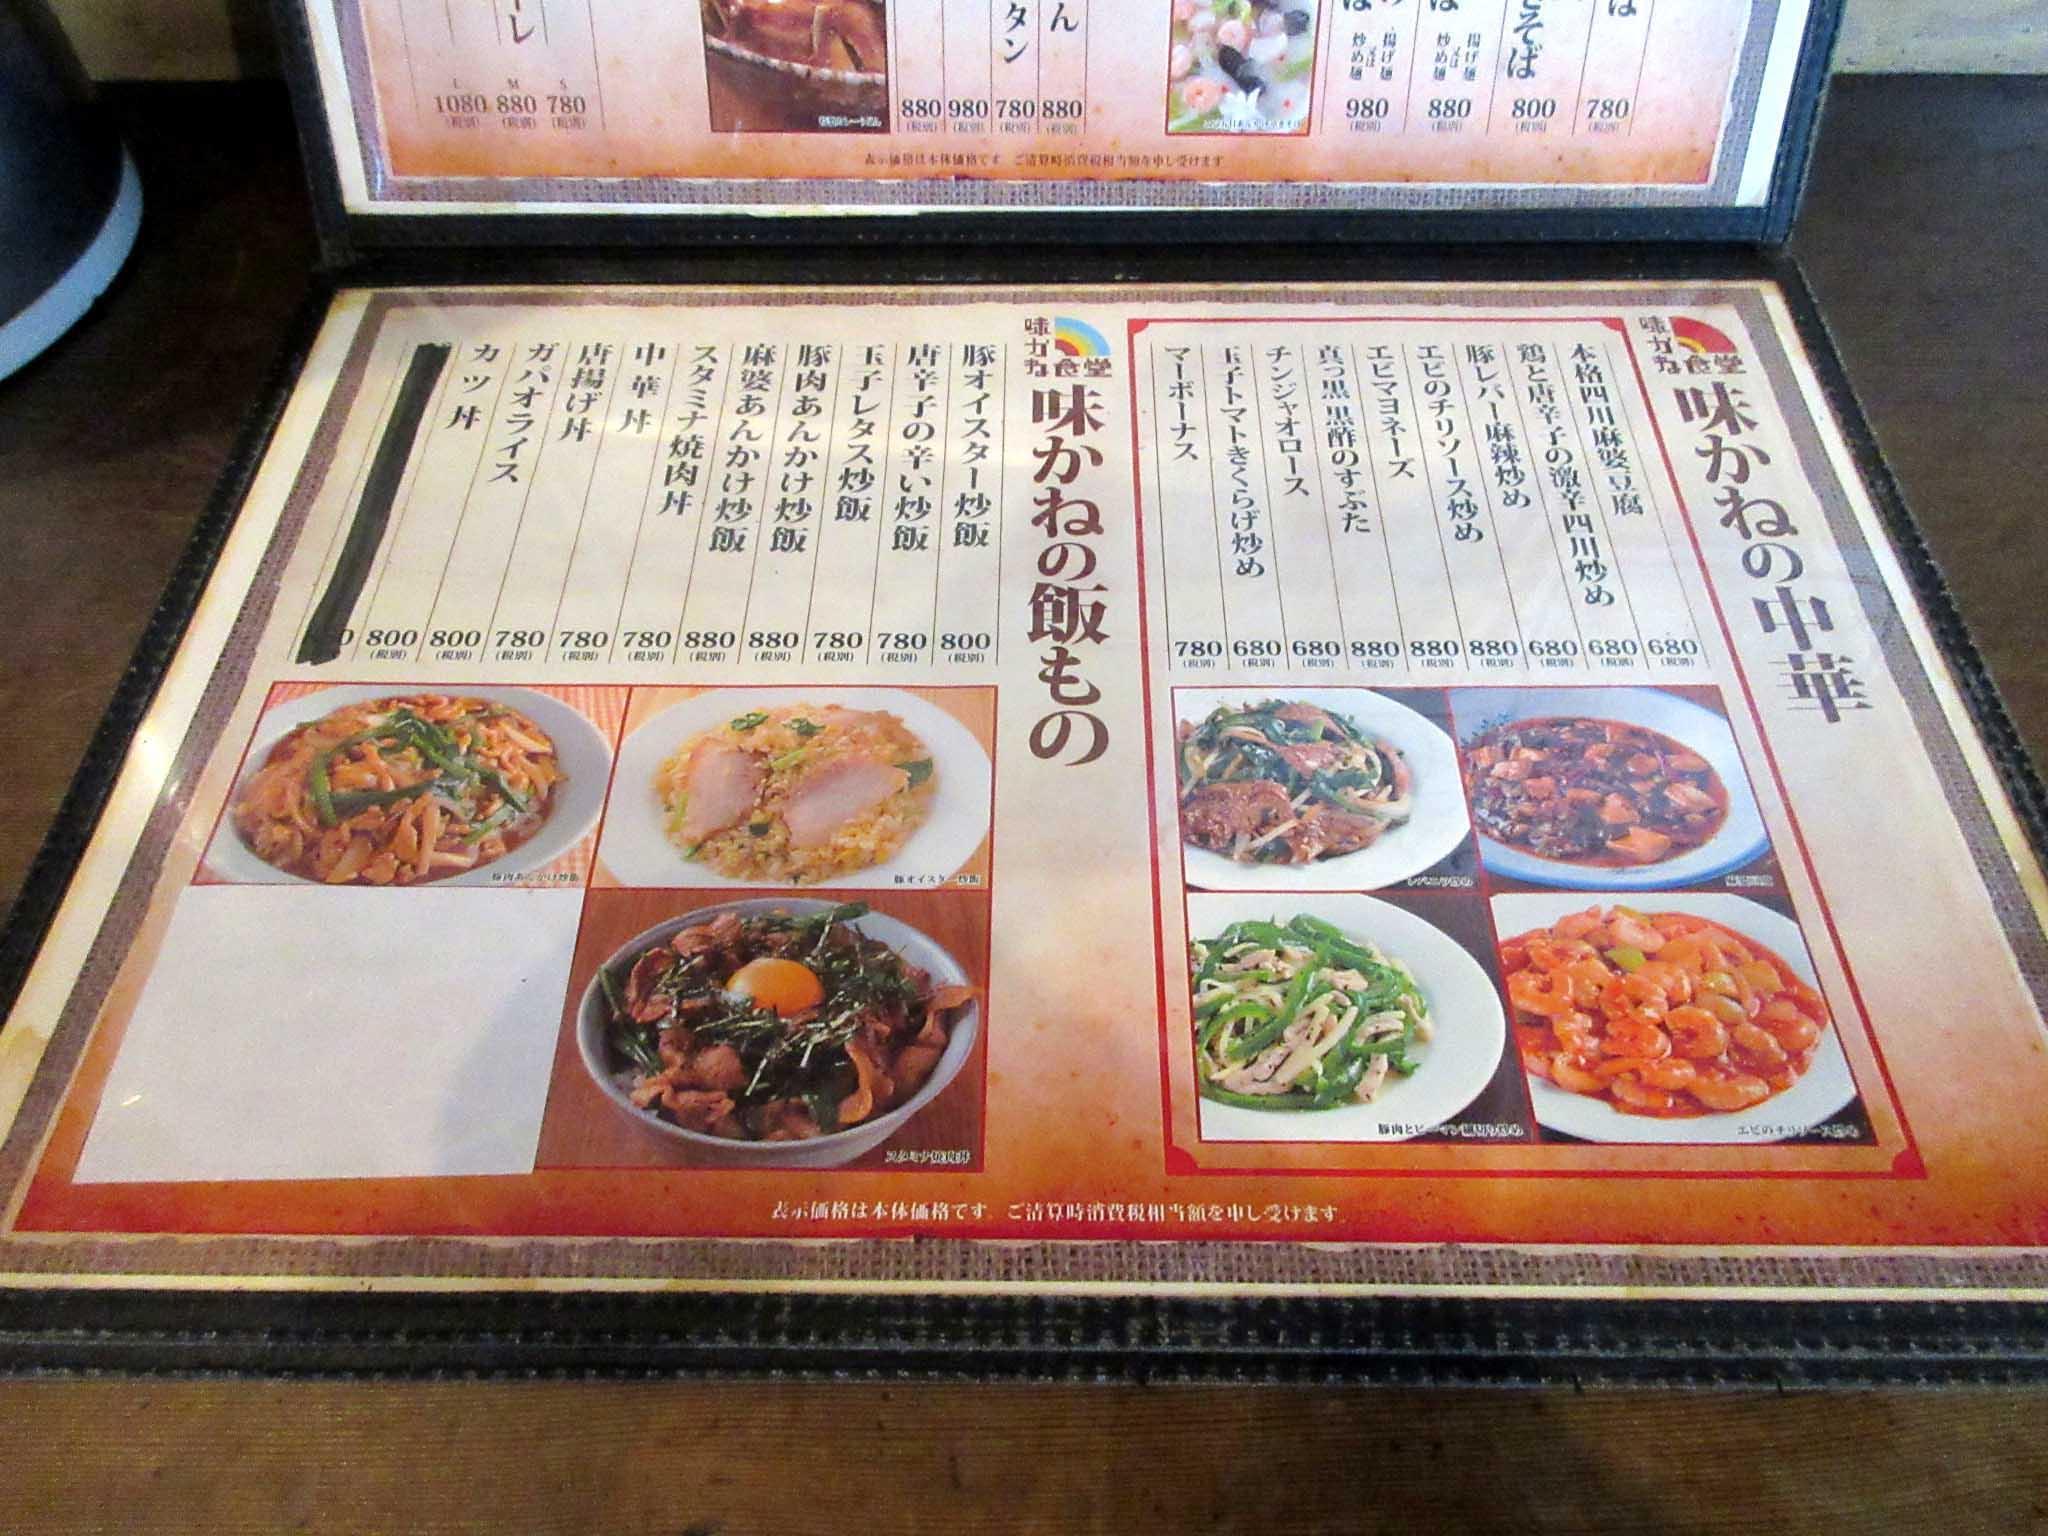 メニュー 中華・飯